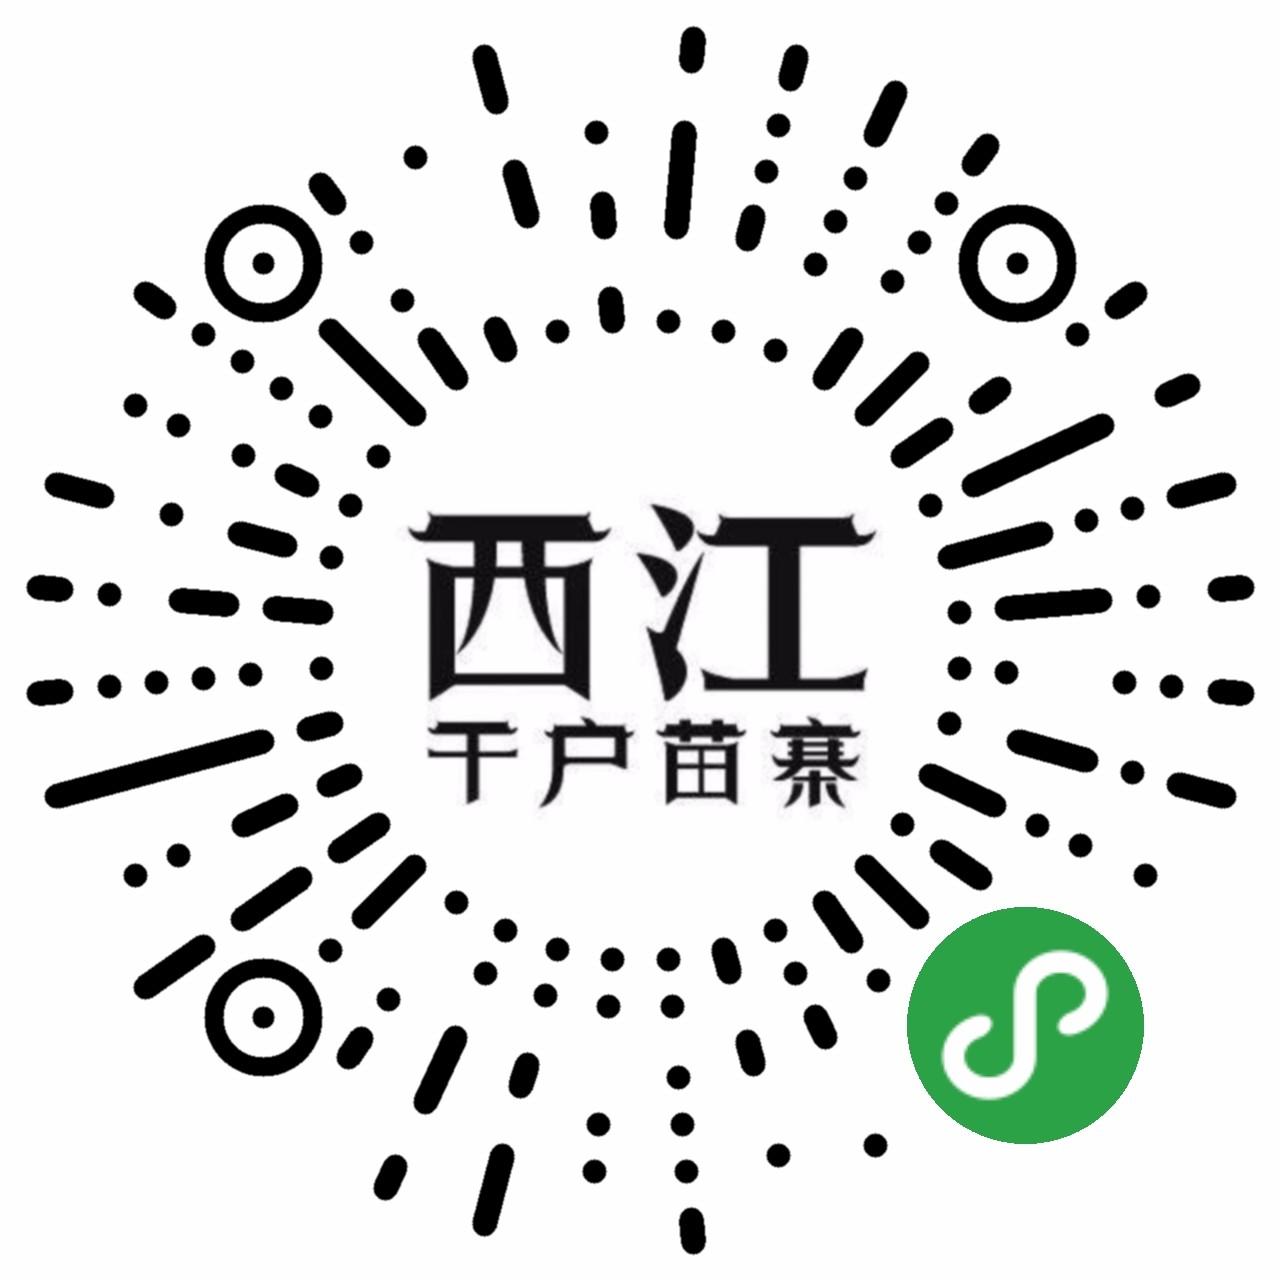 体验千户苗寨-微信小程序二维码